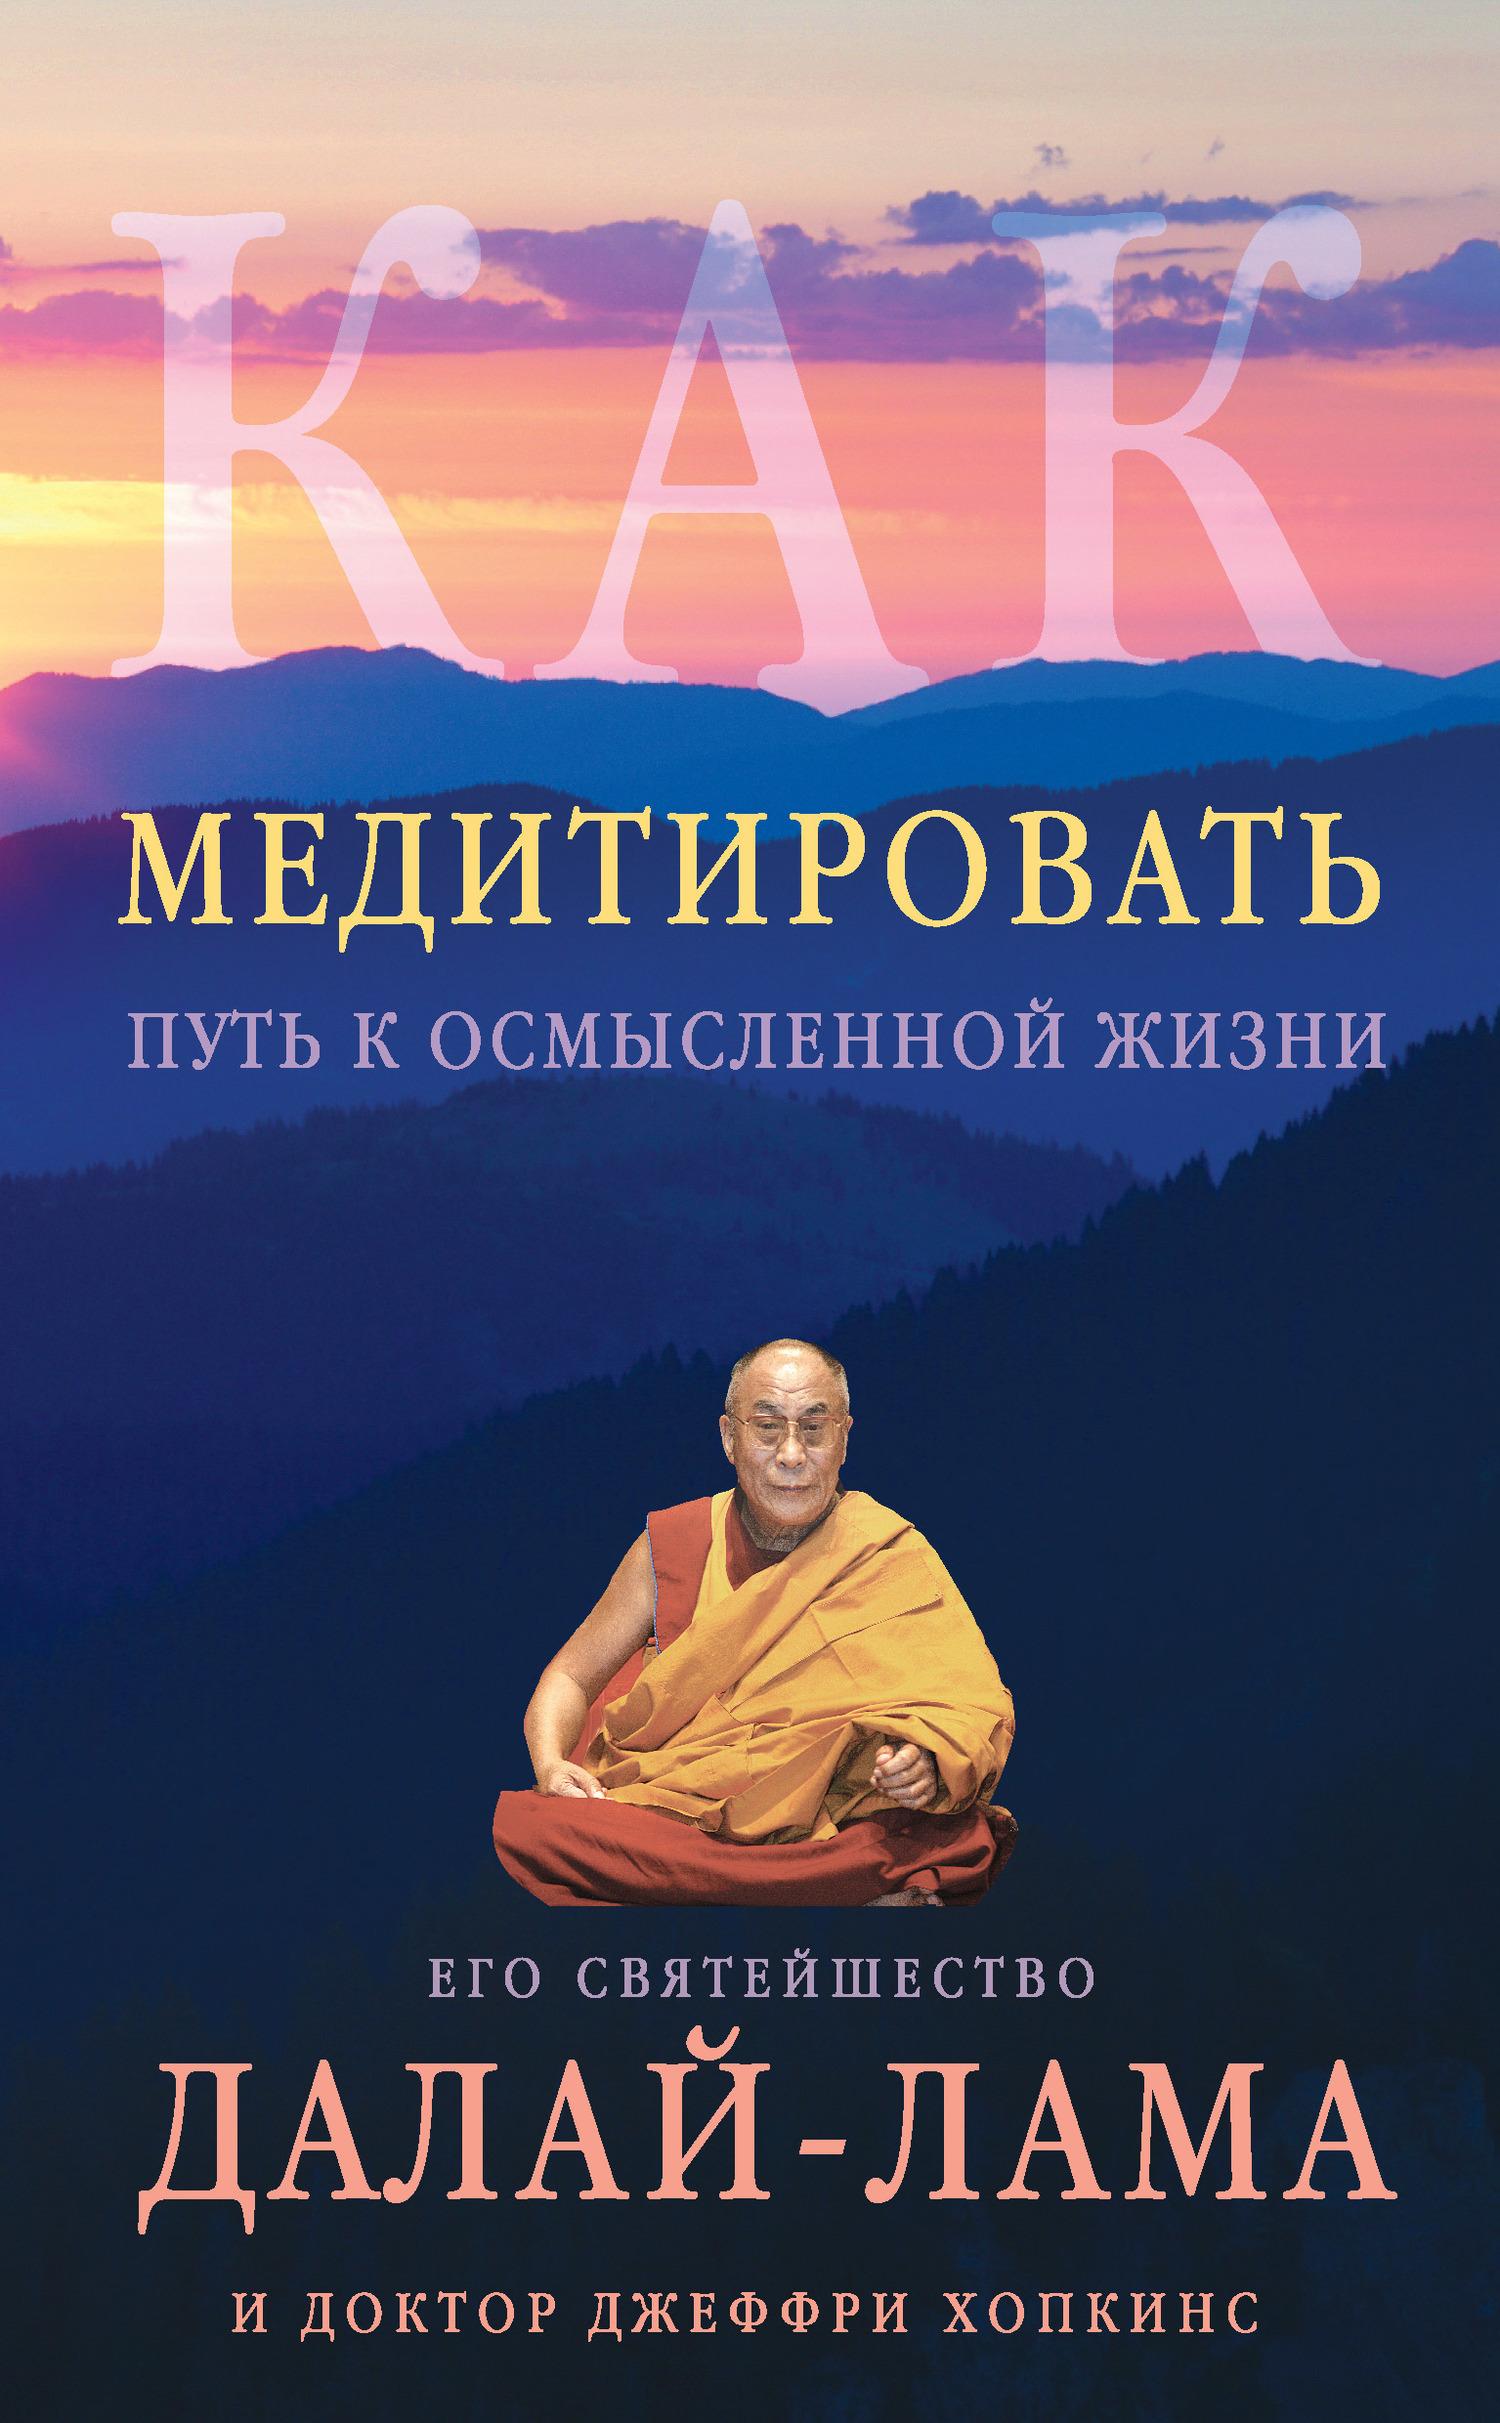 Далай-лама XIV. Как медитировать. Путь к осмысленной жизни